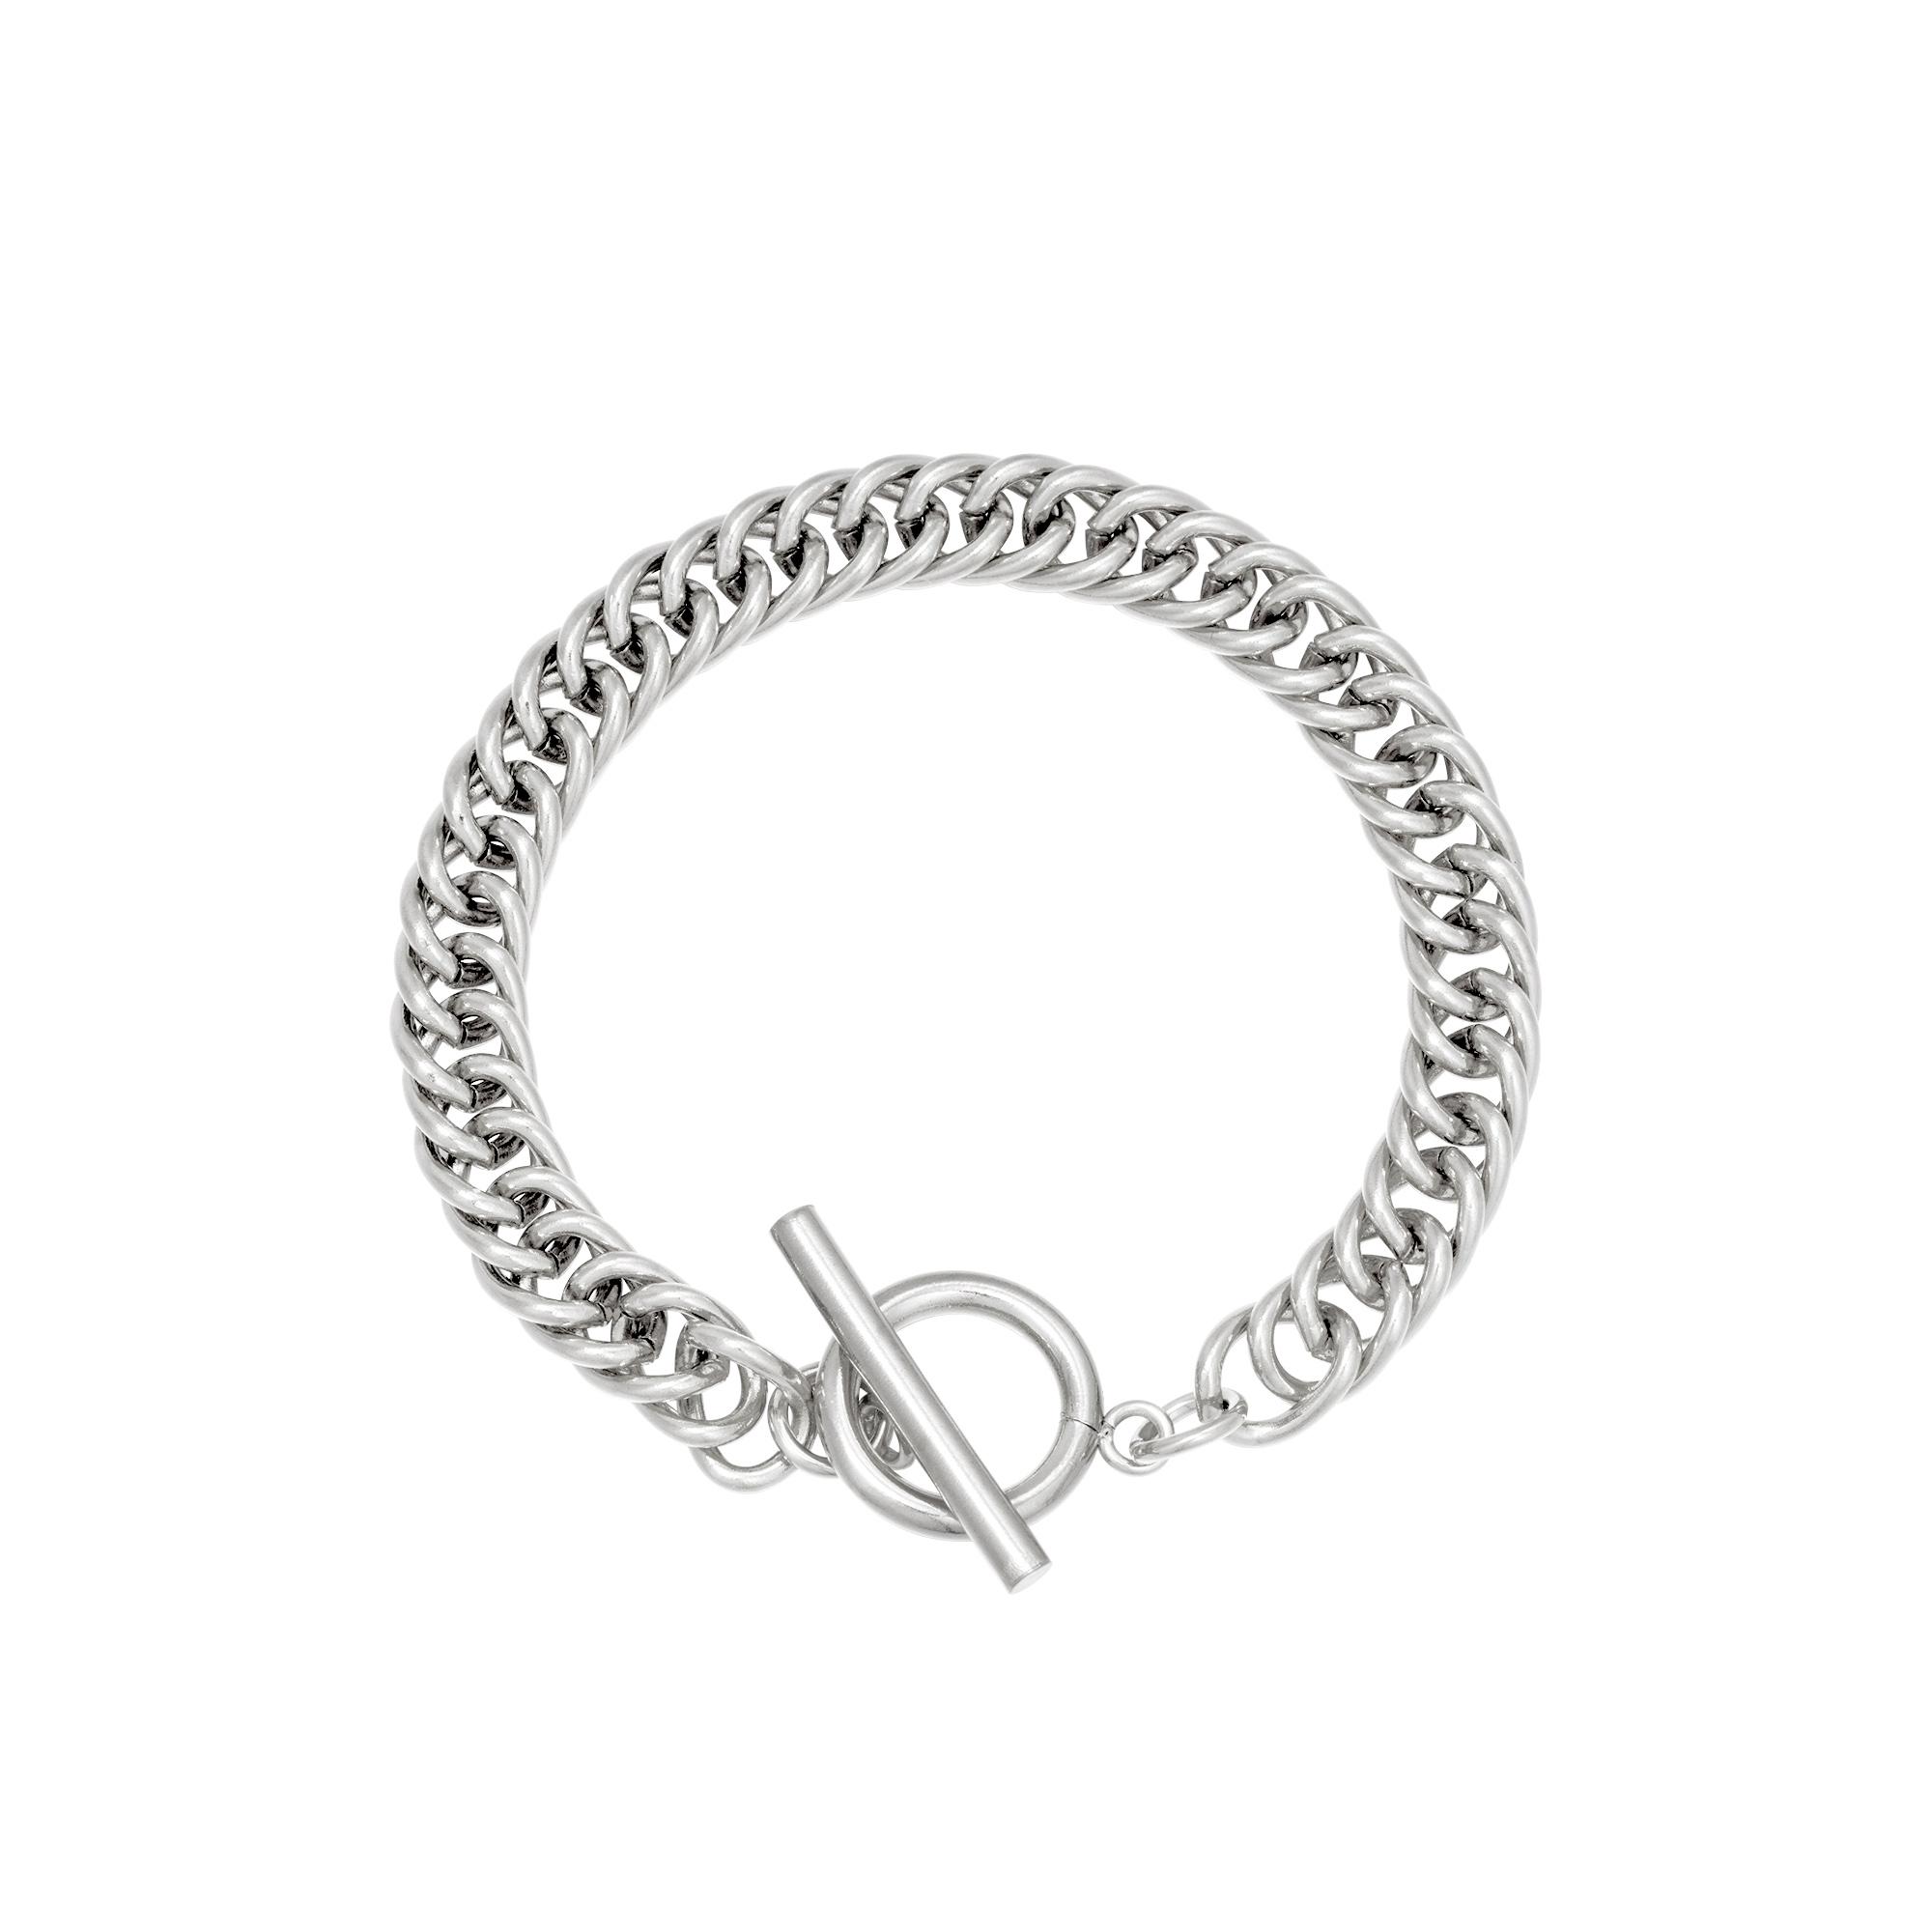 Schakelarmband Dublin zilver zilveren brede stoere dames armbanden trendy yehwang sieraden kopen